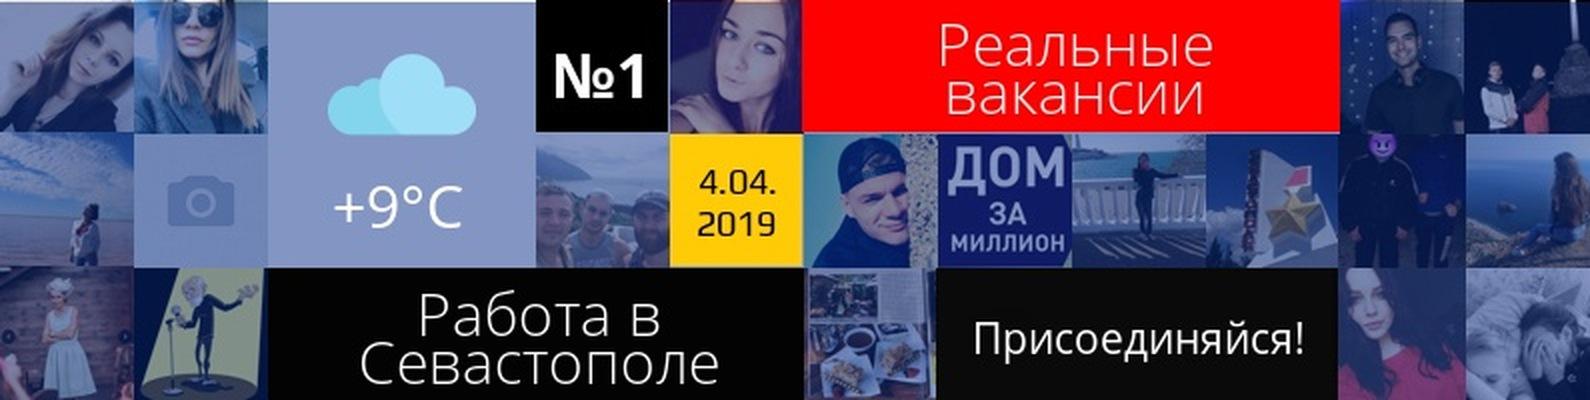 Севастополь работа без патента медицинские книжки волгоград купить